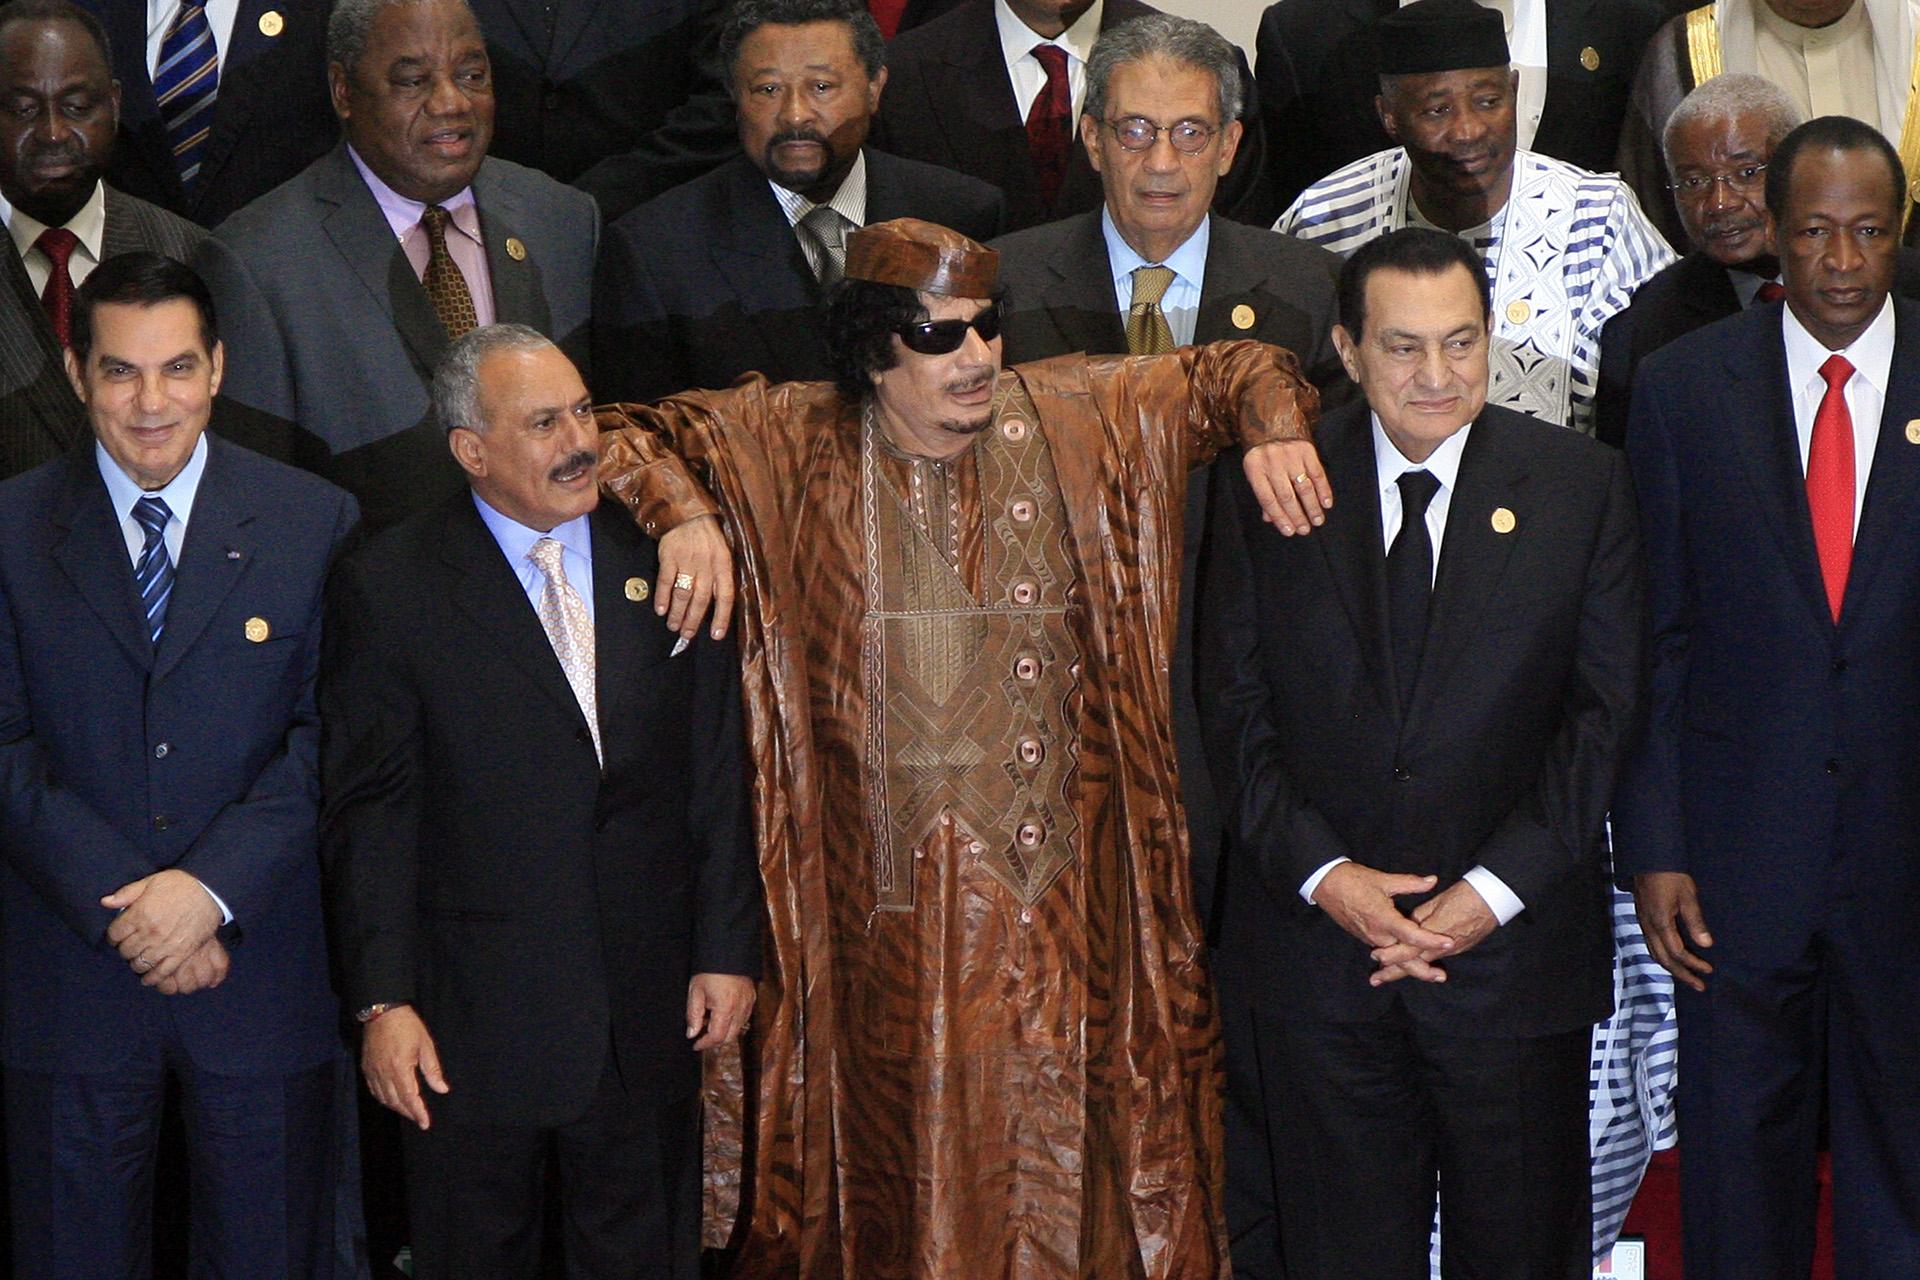 El dictador libio Muamar al Gadafi entre el ex presidente egipcio Hosni Mubarak y el ex presidente de Yemen Ali Abdullah Saleh en una foto de 2010. (AFP /KHALED DESOUKI)